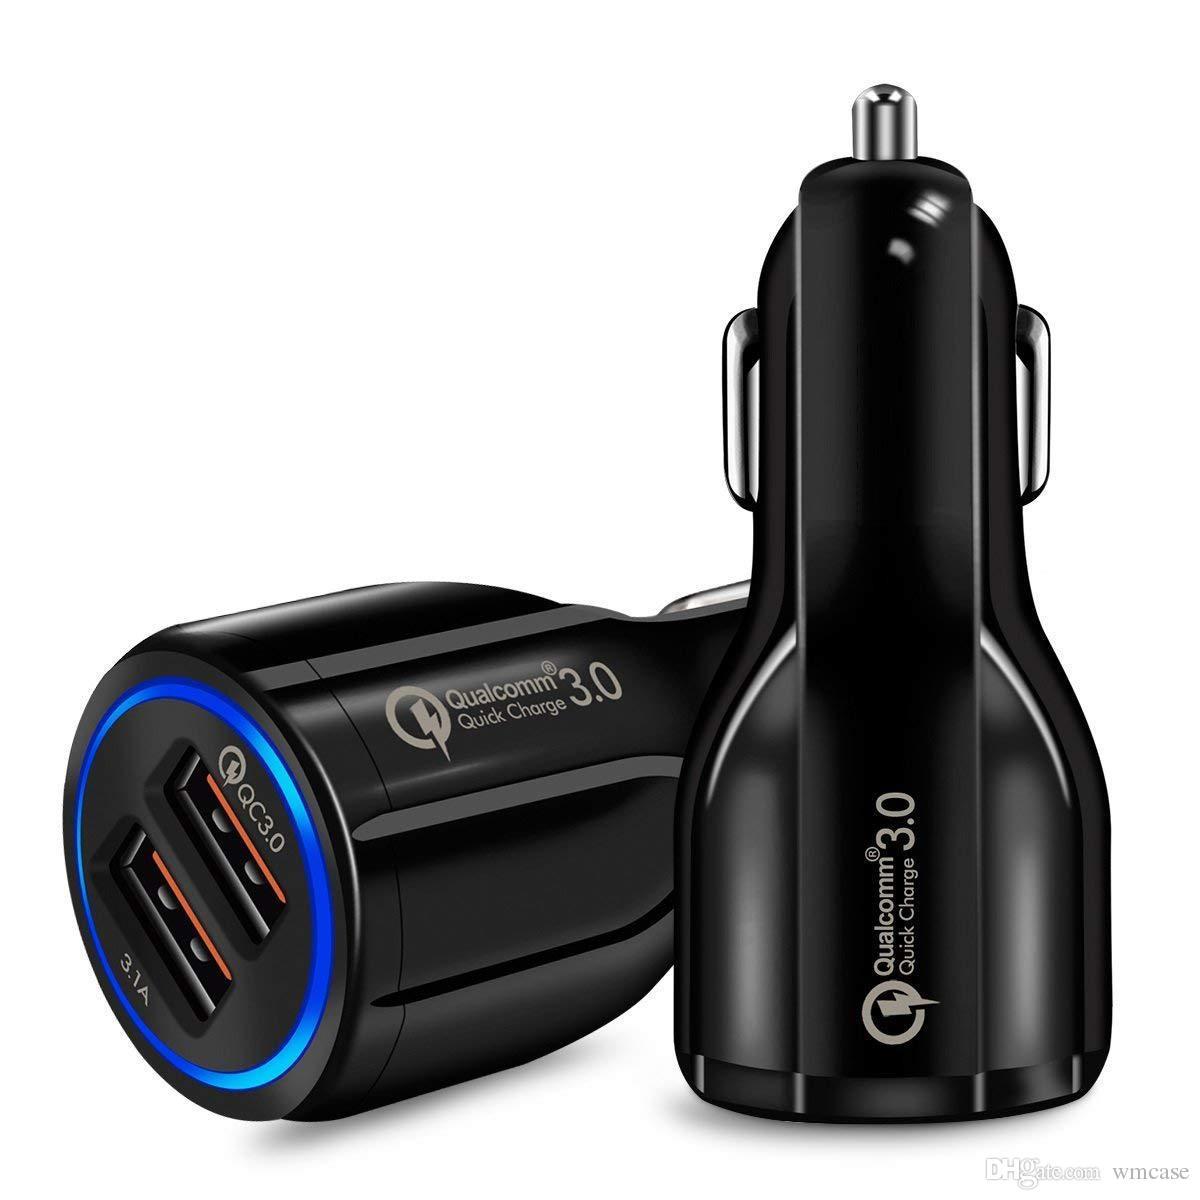 شاحن سيارة USB مزدوج لجهاز Samsung Galaxy S9 S8 Note 9 8 Iphone X XS QC3.0 Fast Charge 3.1A Qualcomm Quick USB 2 منفذ مع حزمة opp